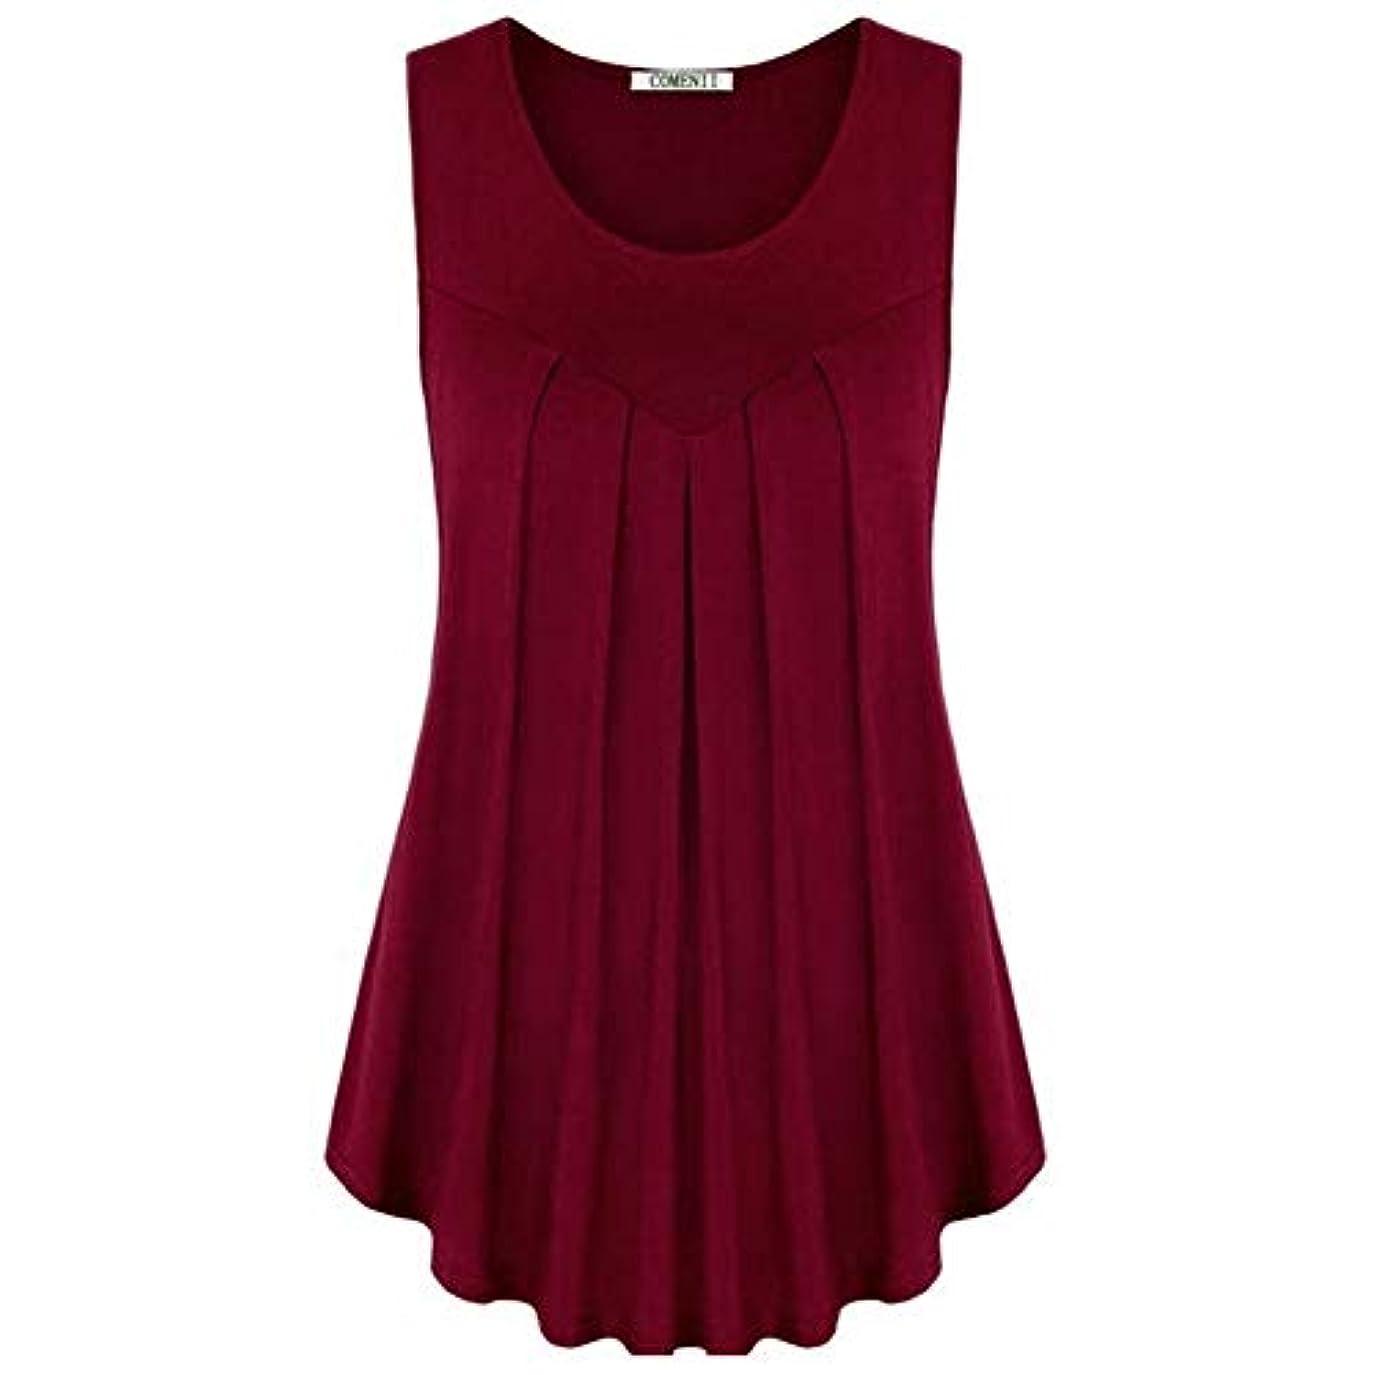 志す欠乏トラックMIFAN の女性のドレスカジュアルな不規則なドレスルースサマービーチTシャツドレス